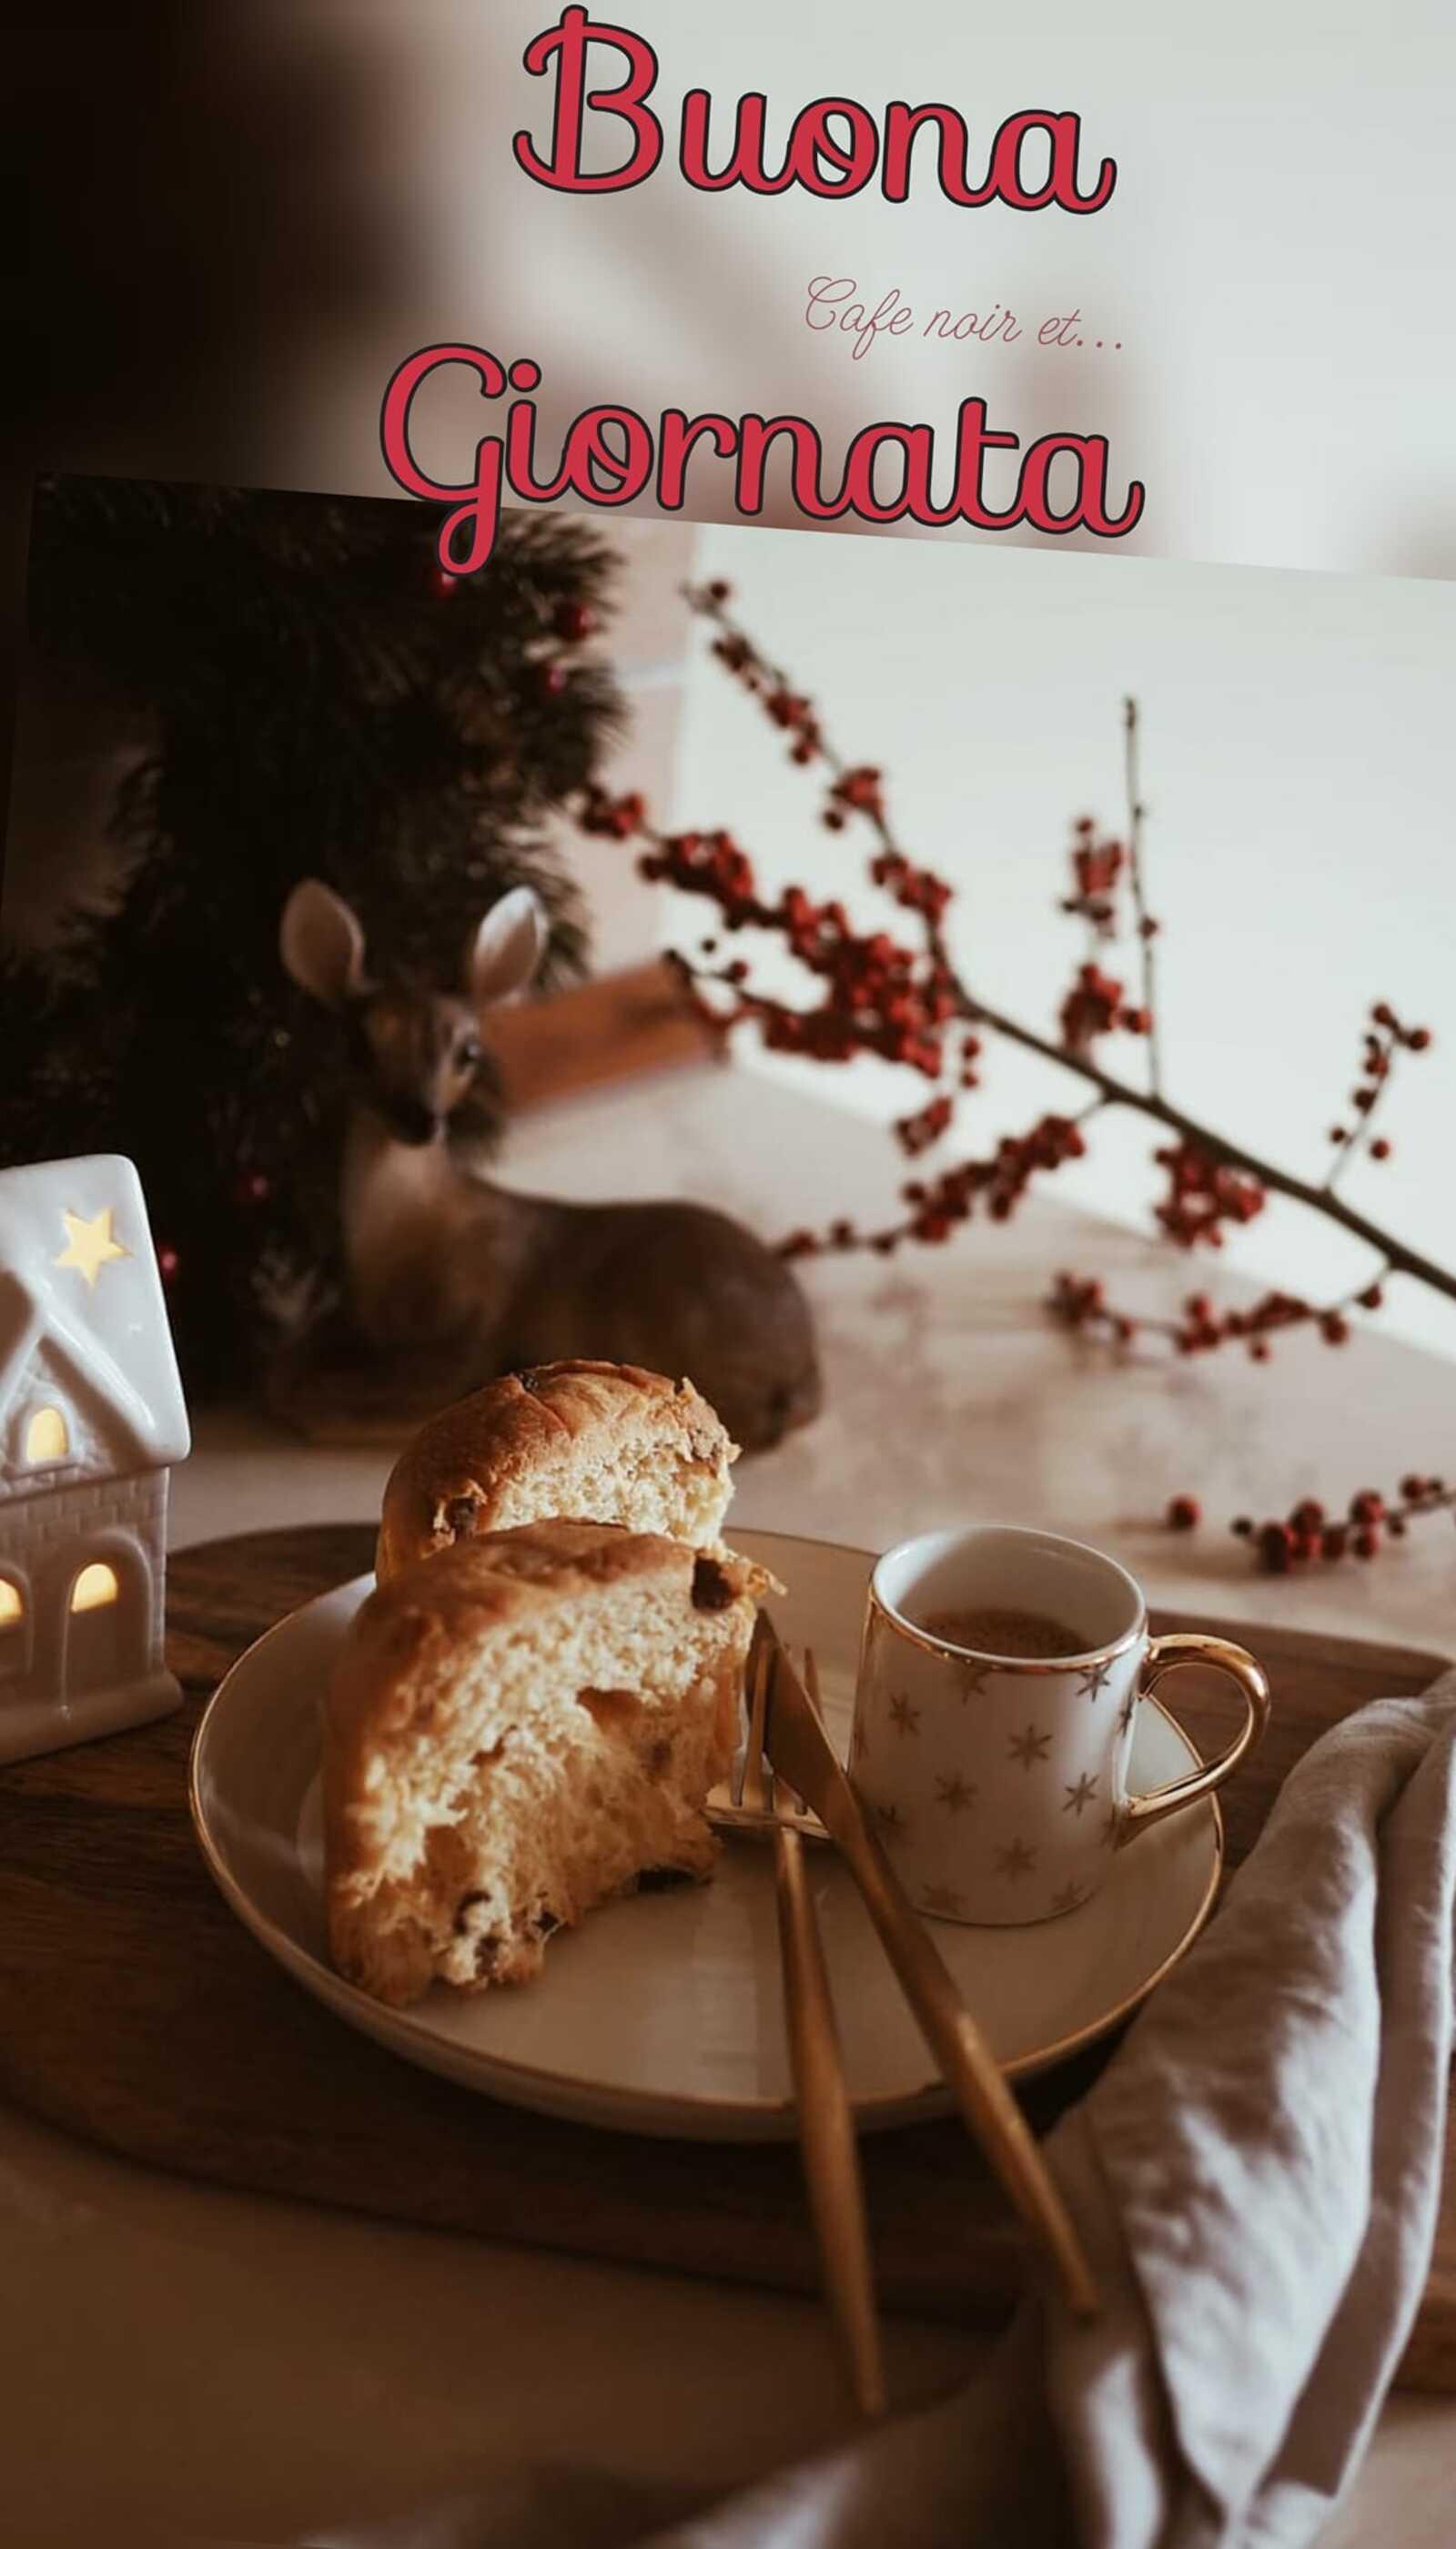 Buona giornata colazione natalizia